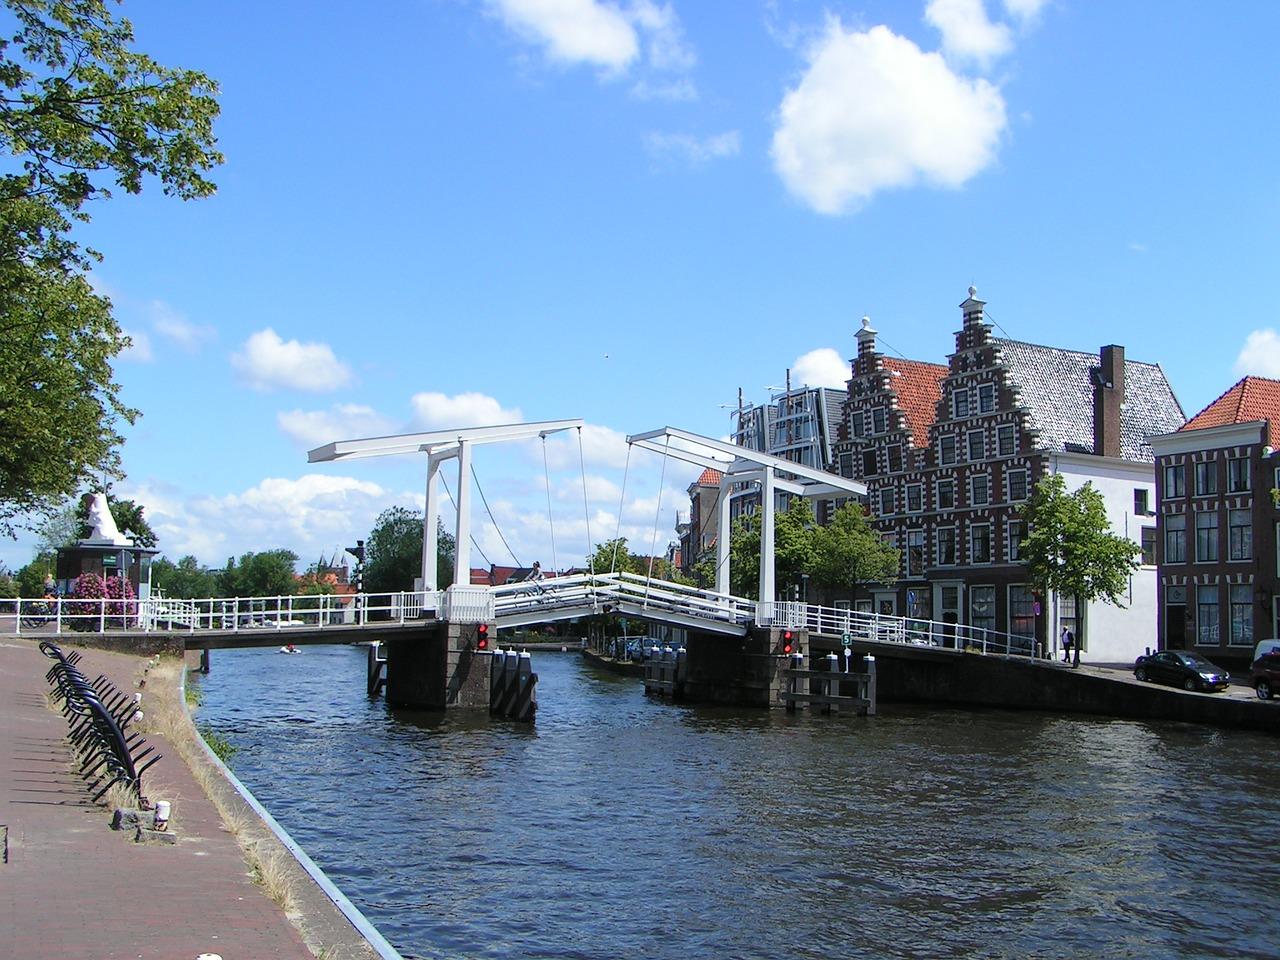 Economie krimpt in 2020 het sterkst in de Haarlemmermeer